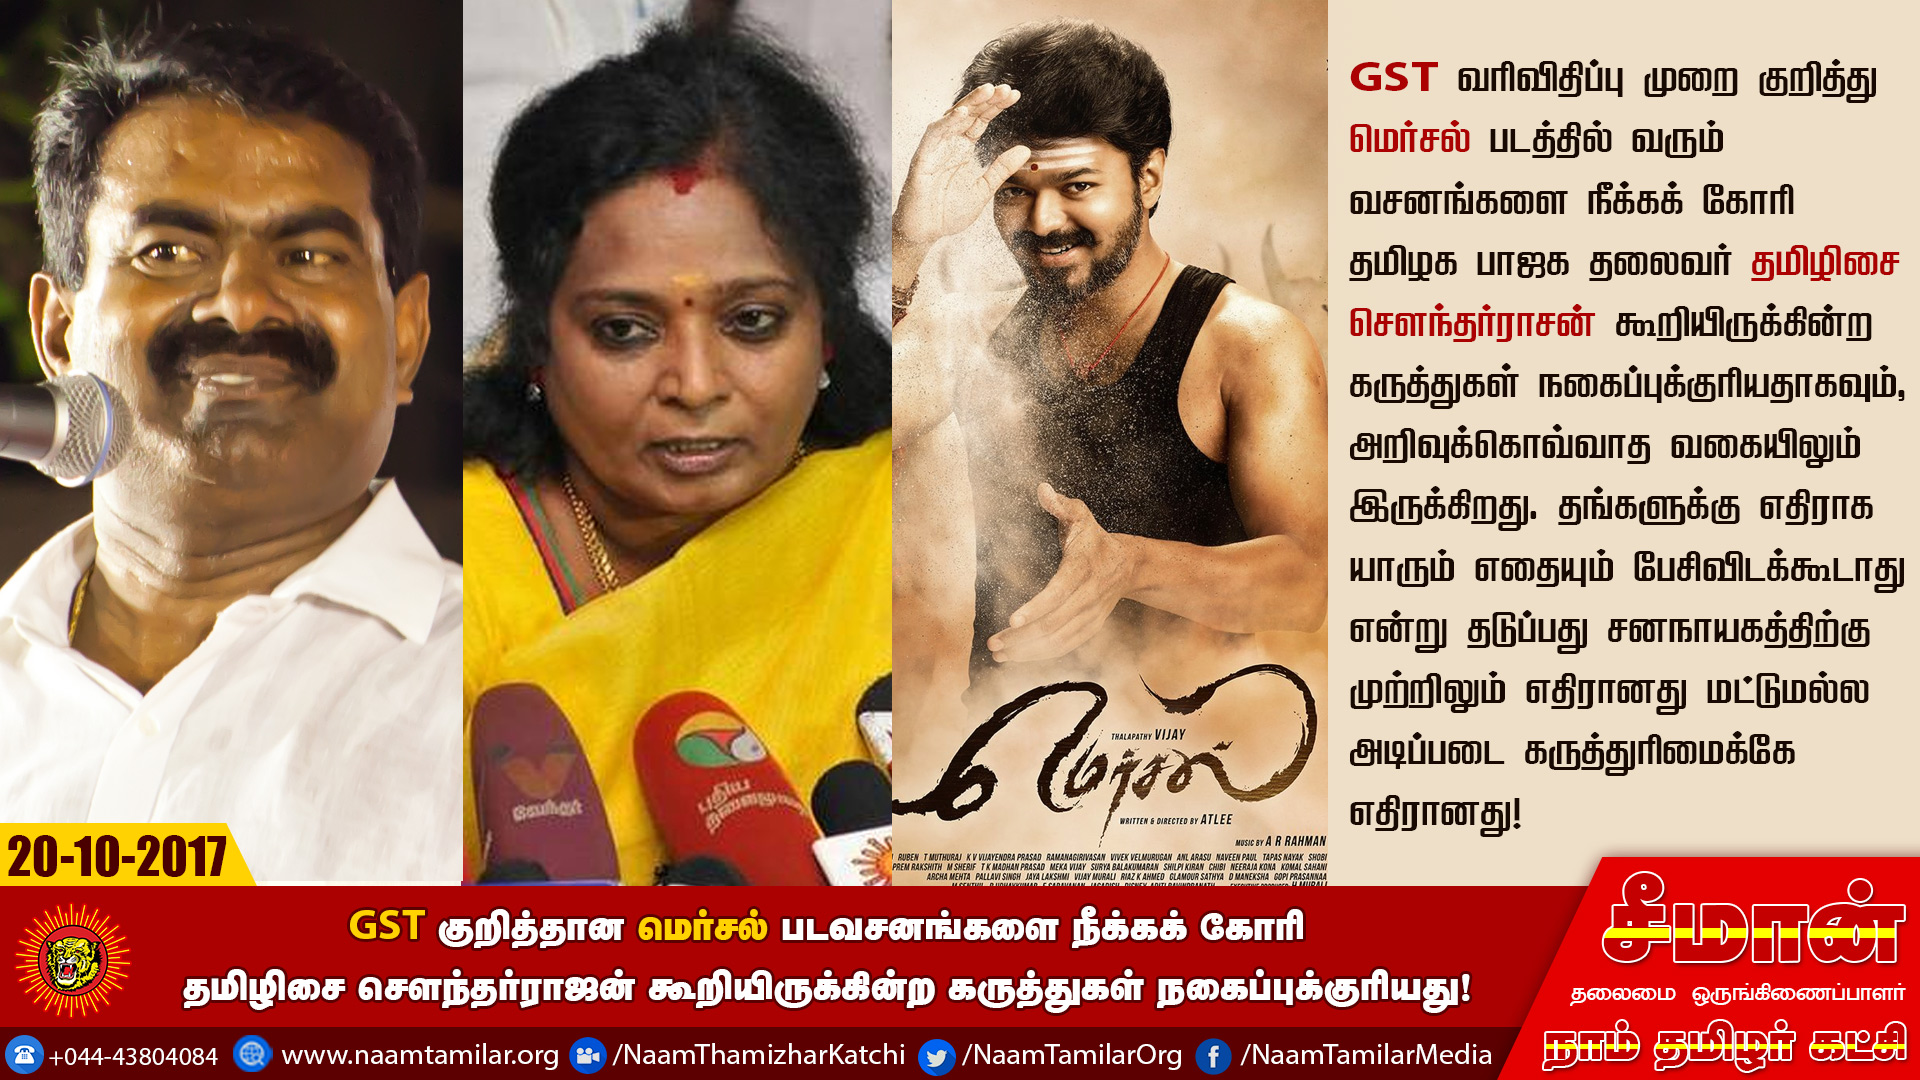 கர்நாடகாவில் மெர்சல் படத்தைத் திரையிட எதிர்ப்பு தெரிவிக்கும் கன்னட இனவெறி அமைப்புகளுக்கு சீமான் கடும் கண்டனம் naam tamilar katchi chief seeman slams bjp leaders hraja tamilisai sowndharajan mersal tamil movie team actor vijay director atlee